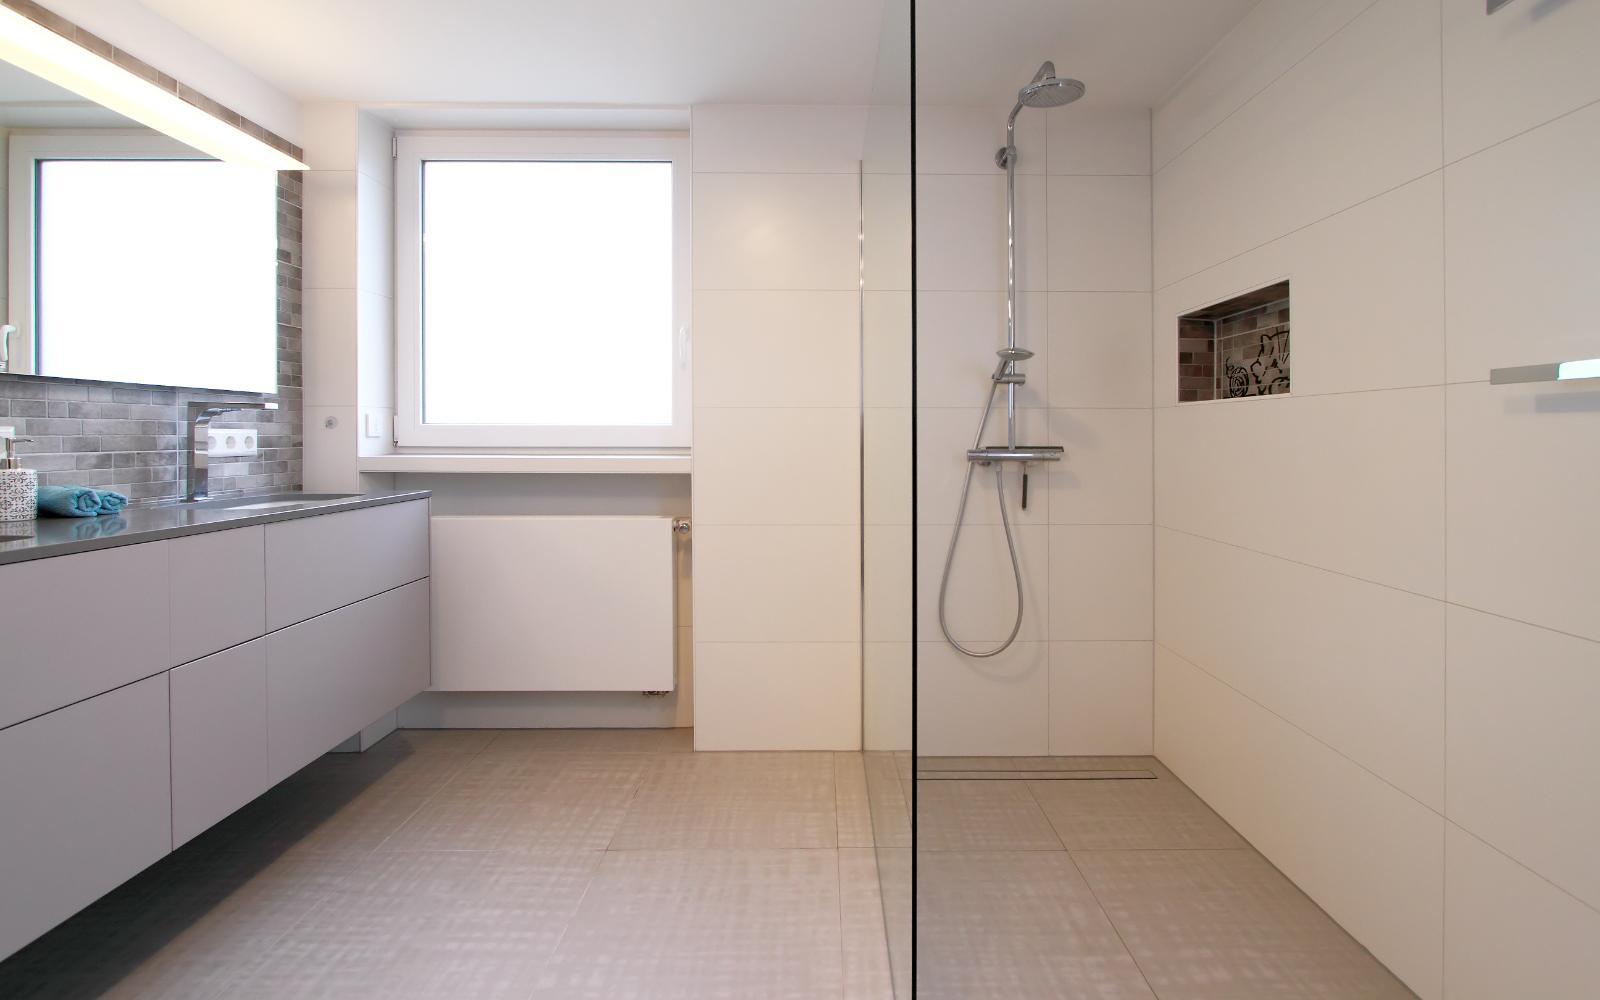 Bad Mit Großem Waschtisch Und Bodenebener Dusche